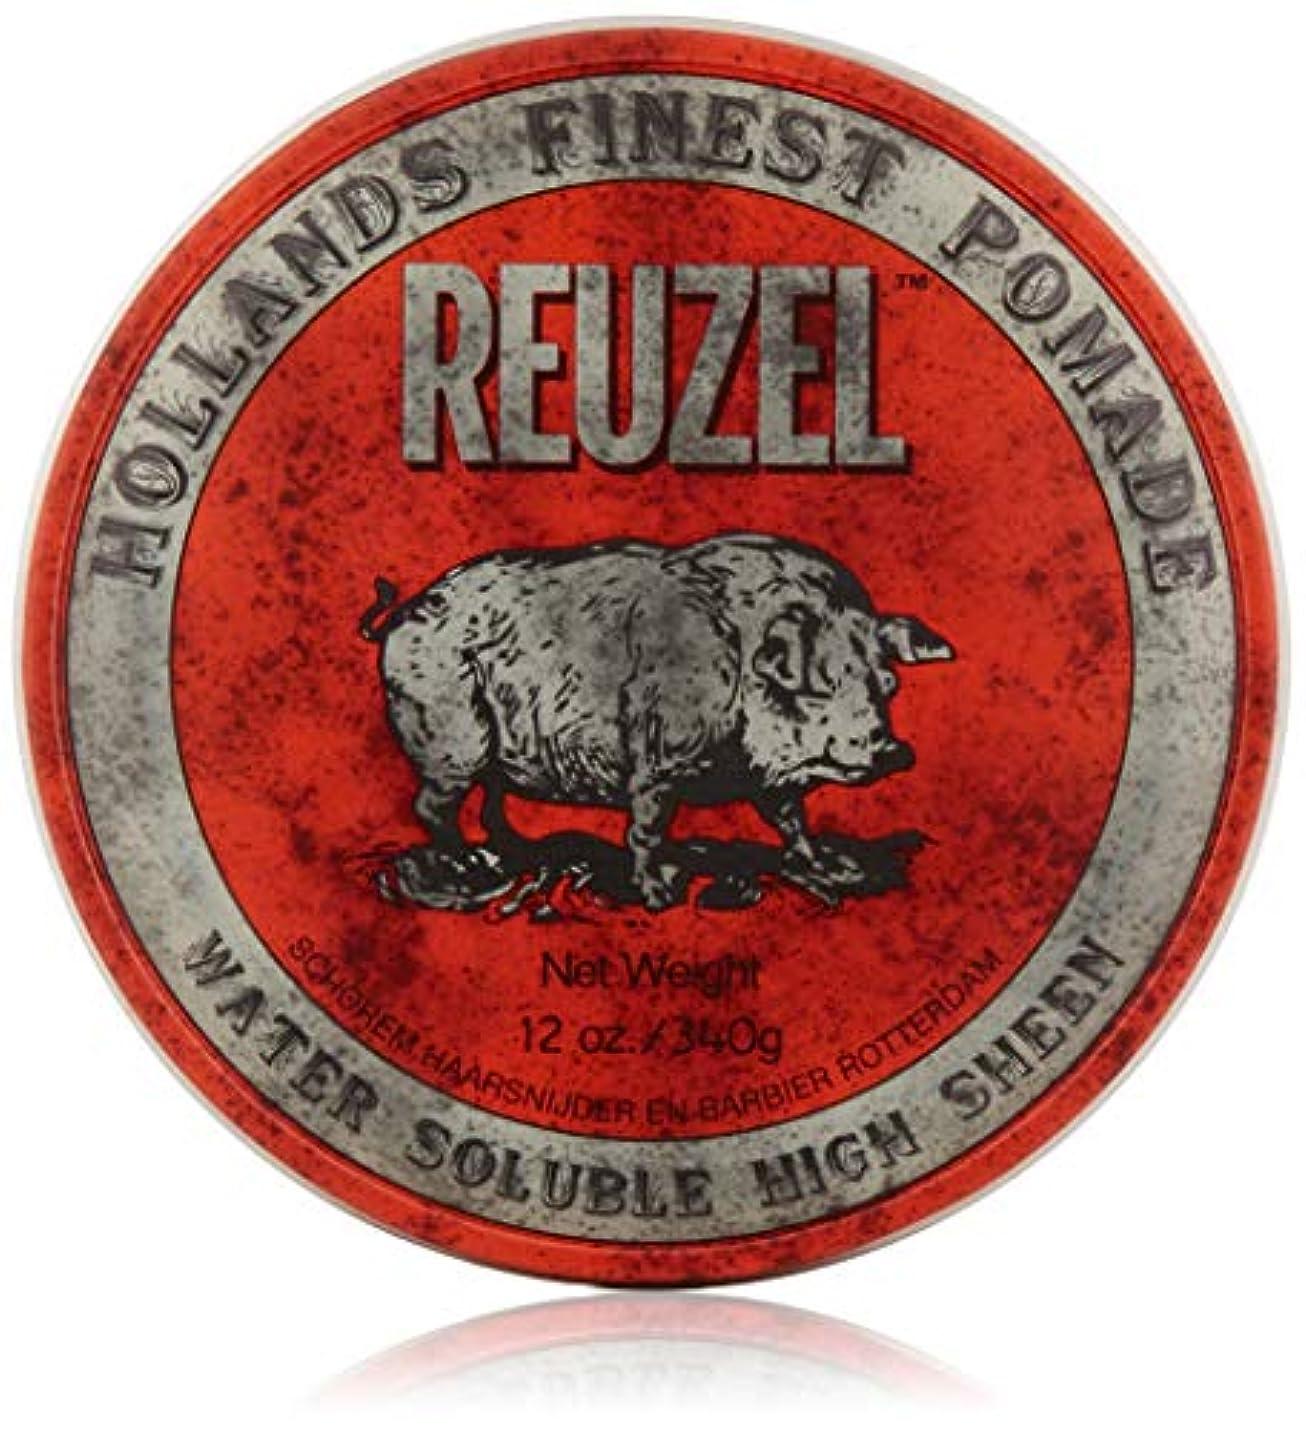 退化するさわやか場合REUZEL Hair Pomade Hog, Red, 12 oz by REUZEL